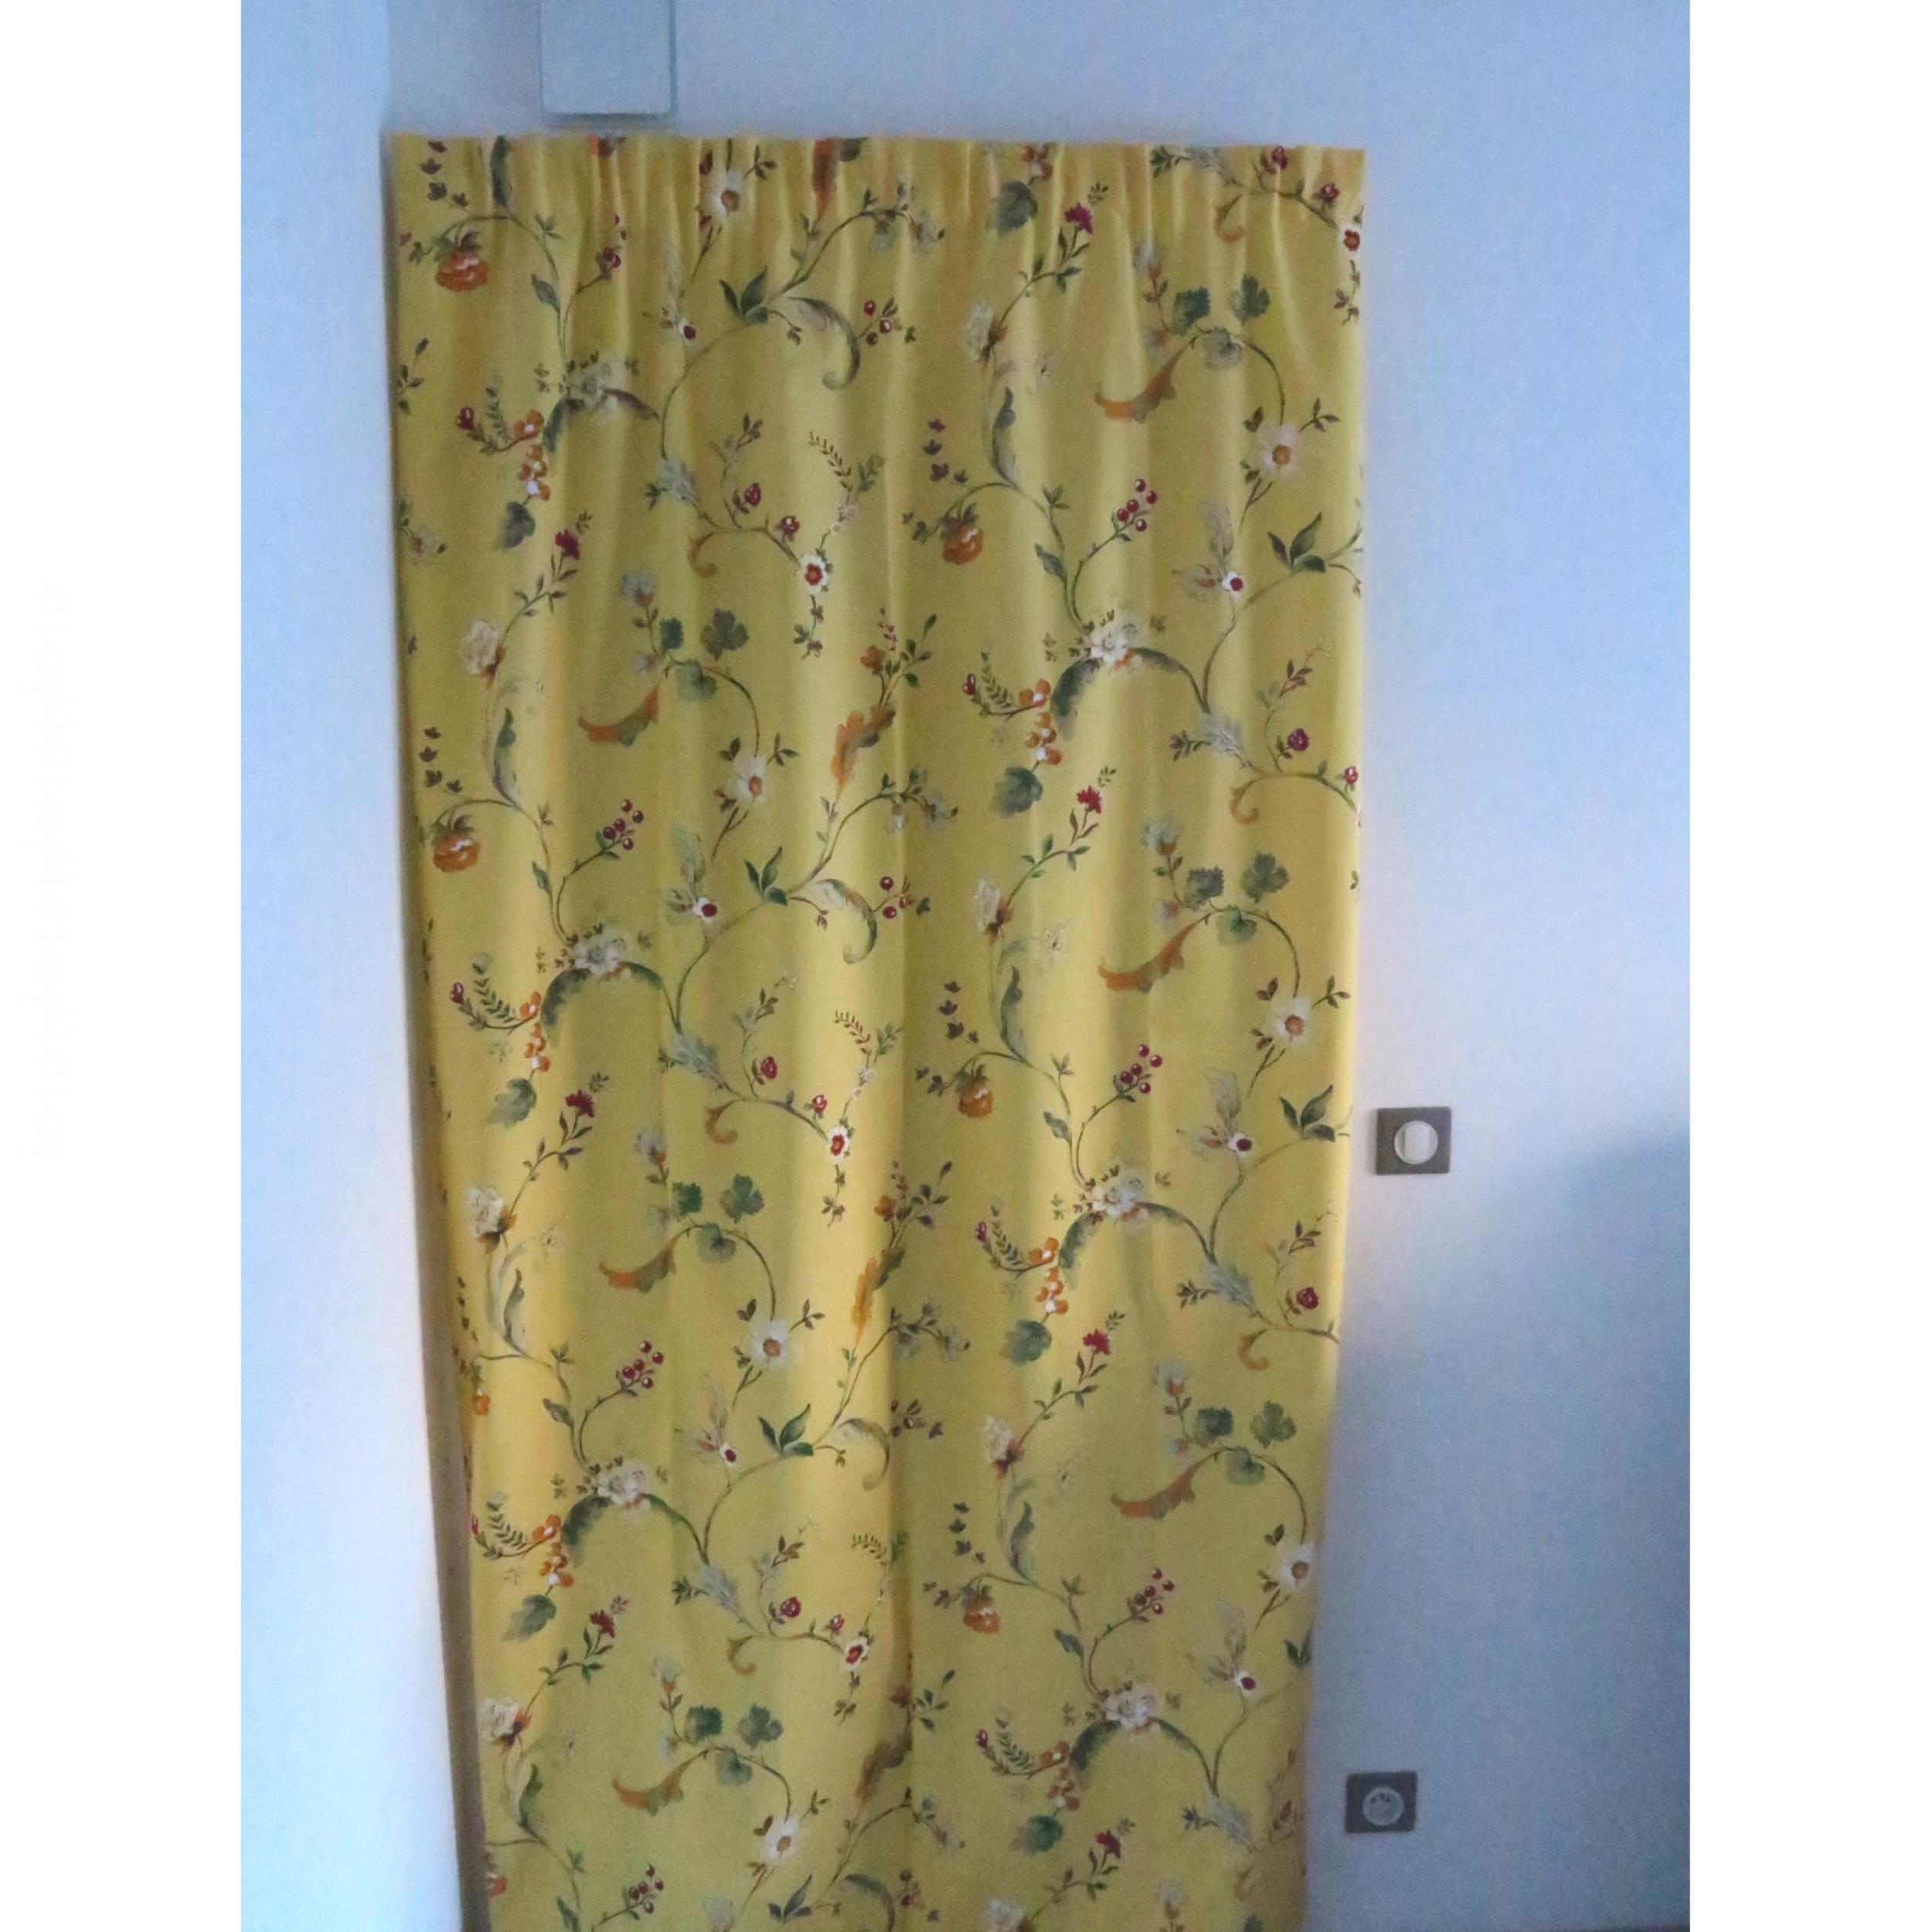 rideaux ruflette fleurance jaune pour tringle porti re 134 x 255 cm l 39 atelier de la toile. Black Bedroom Furniture Sets. Home Design Ideas